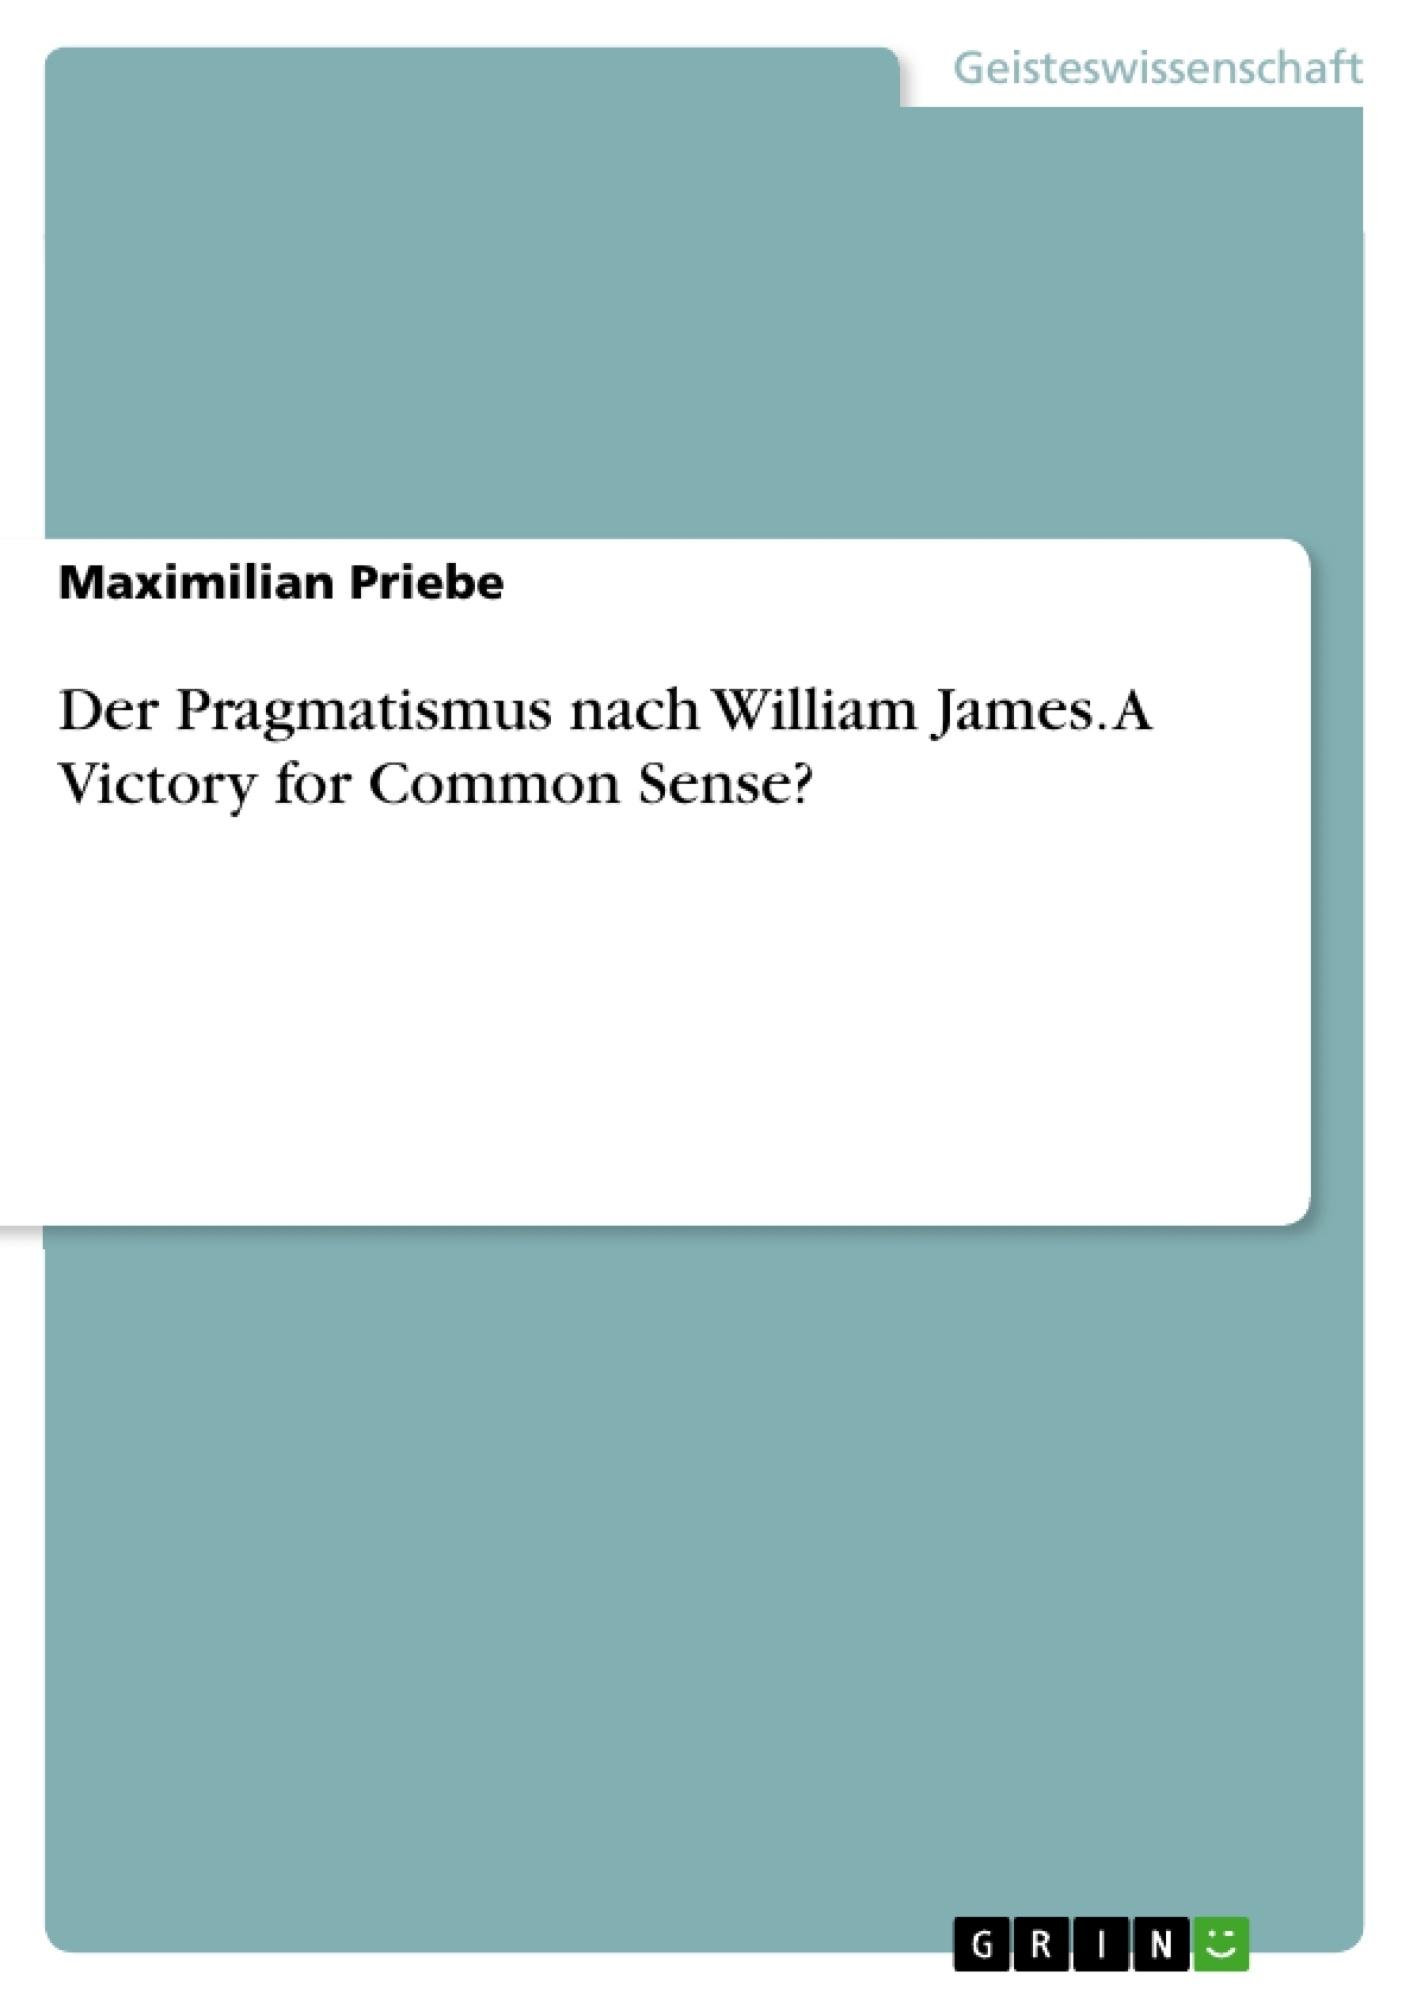 Titel: Der Pragmatismus nach William James. A Victory for Common Sense?